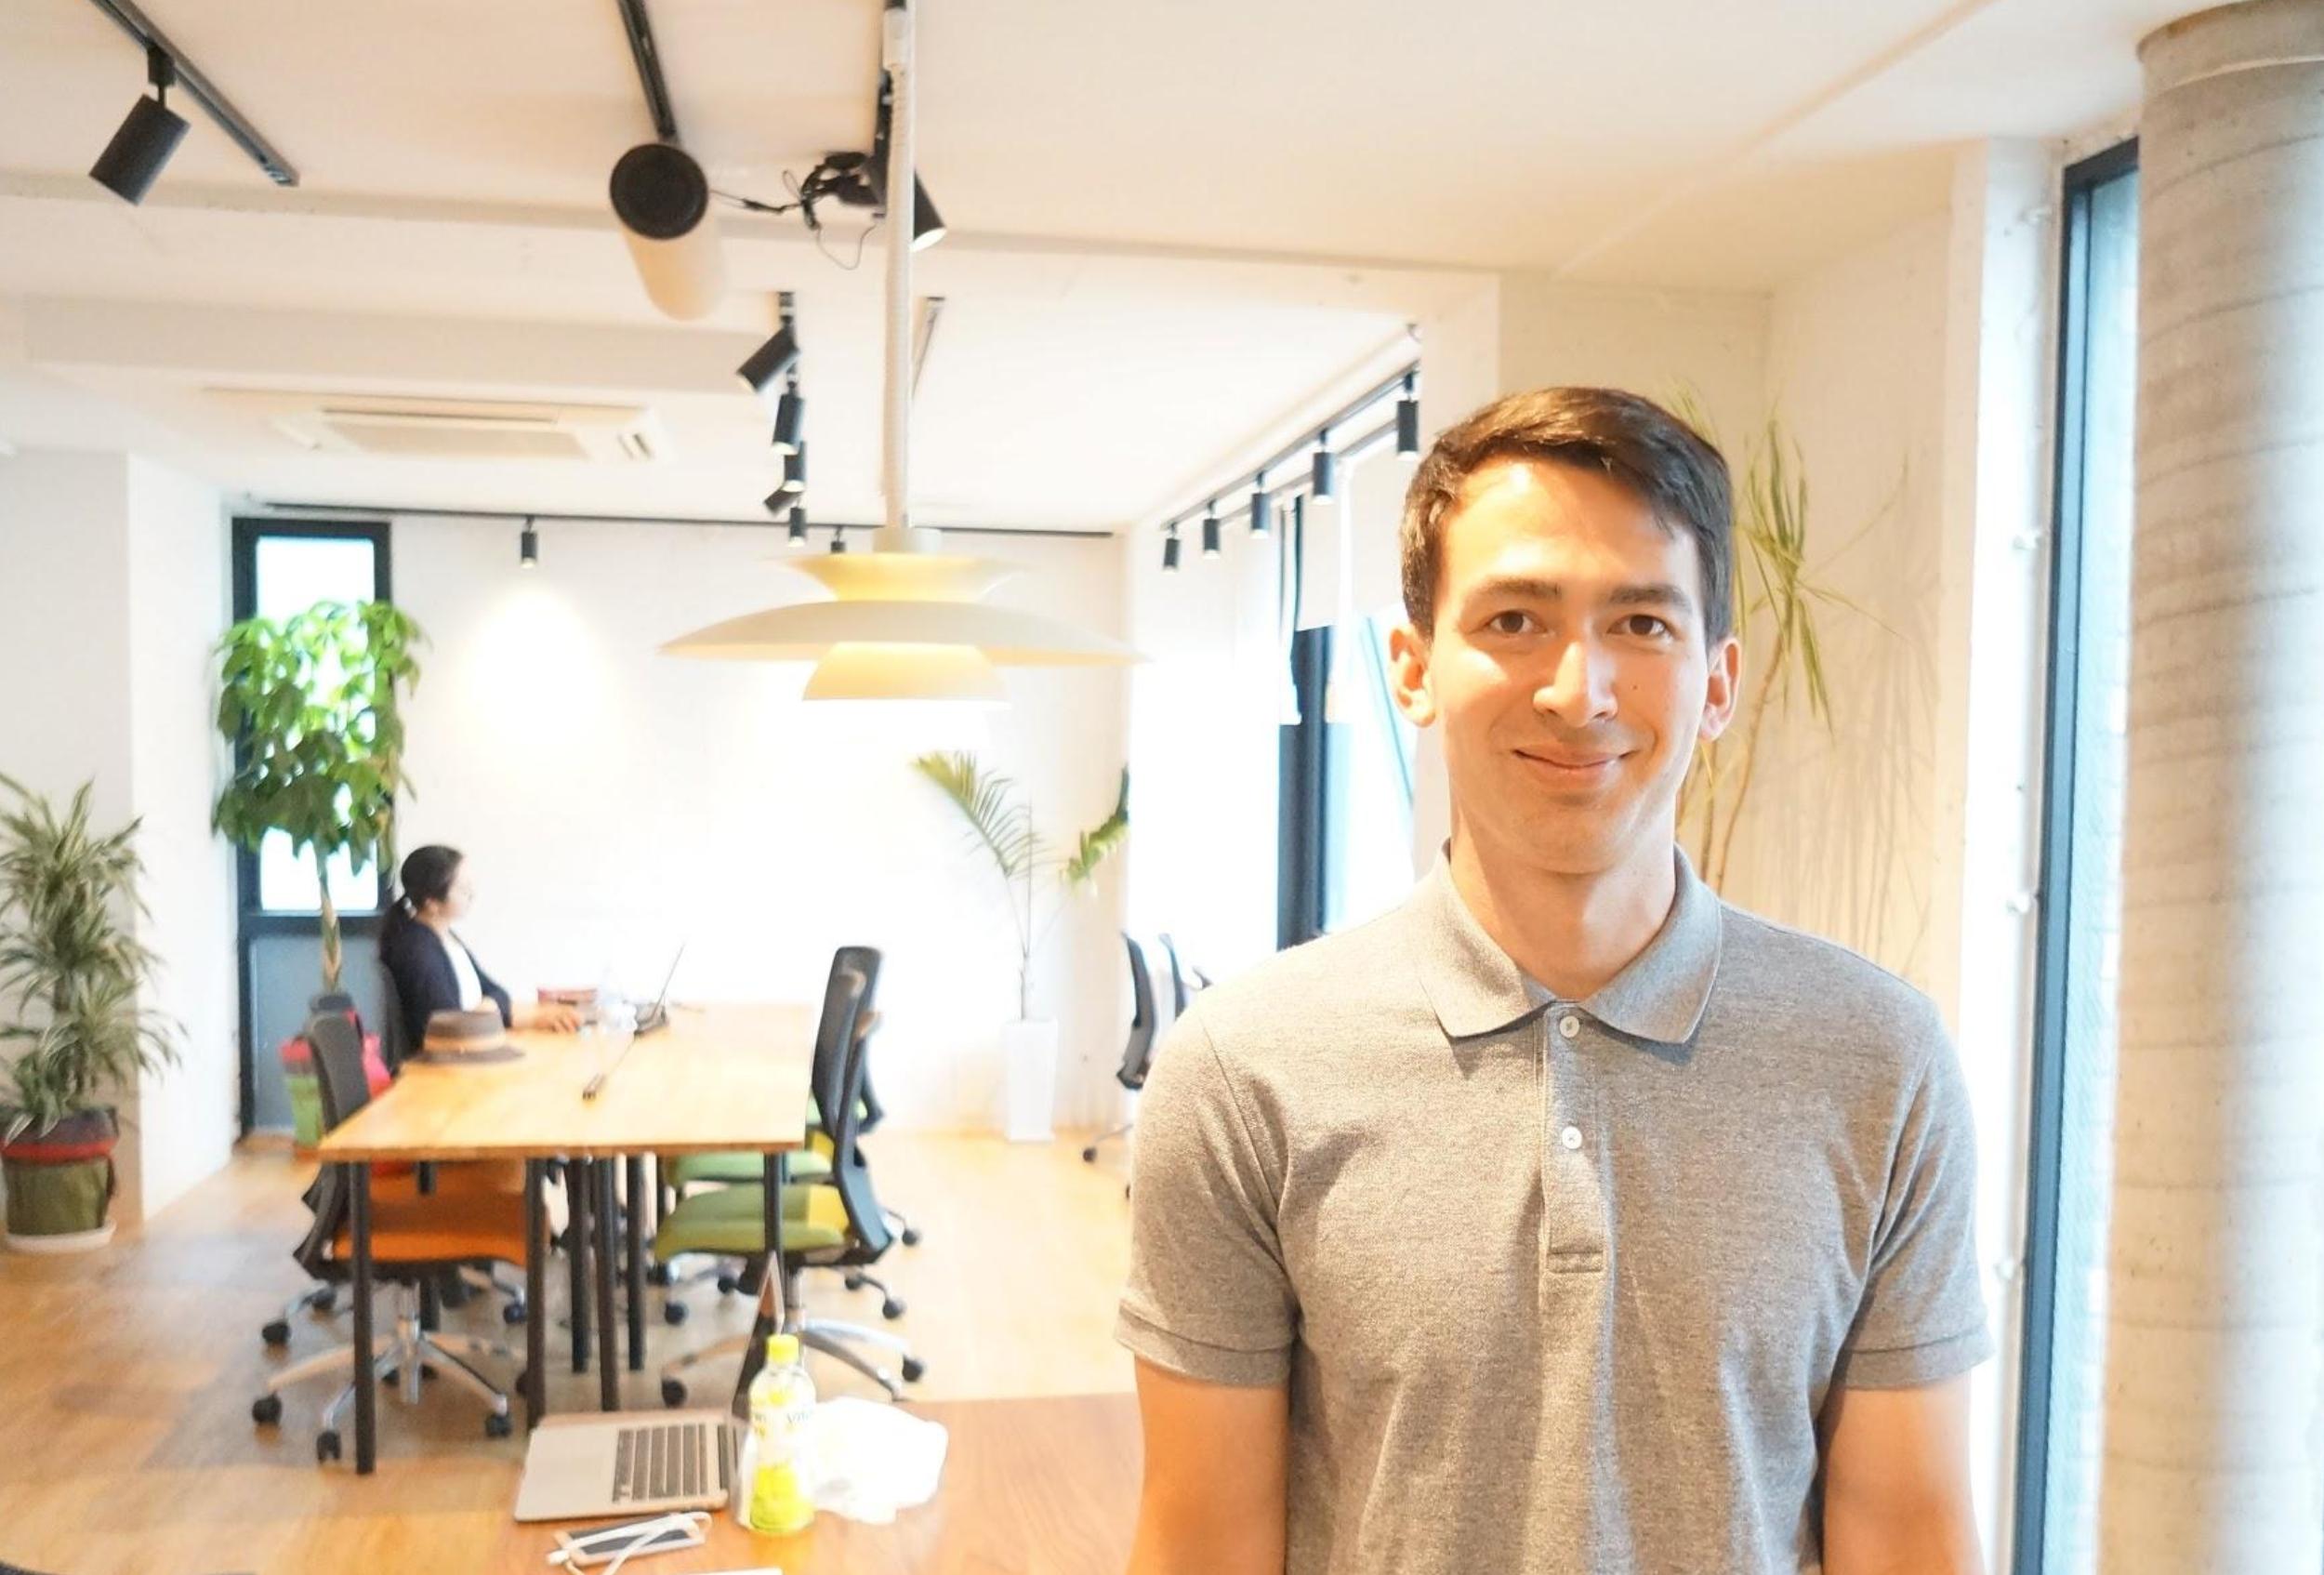 コワーキングスペースは、ベンチャー企業にピッタリ。だから、松山市で起業するなら、賃貸オフィスや貸会議室よりもマツヤマンスペースがおススメです。